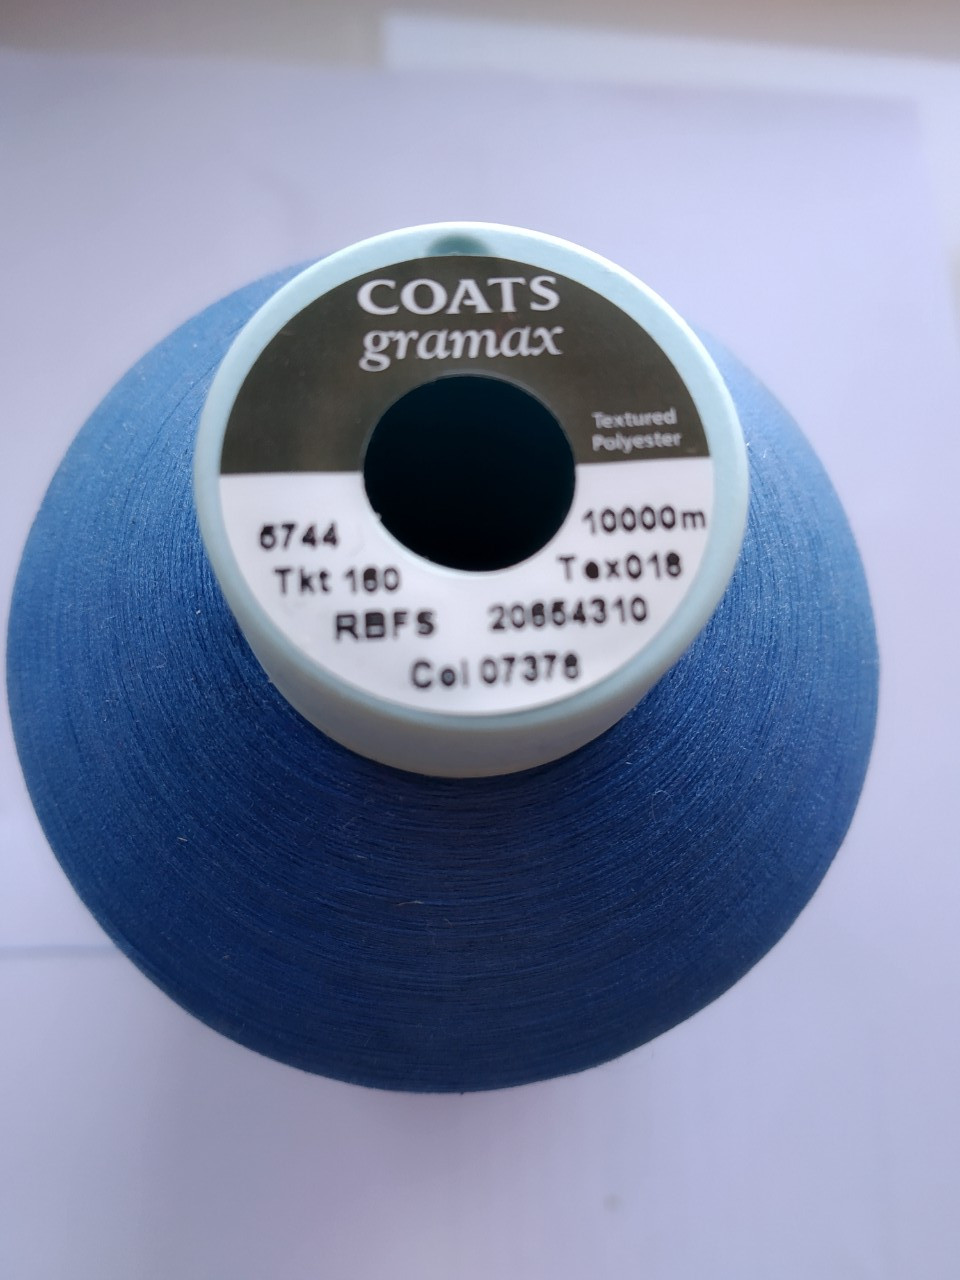 Coats gramax 160/ 10000v / 07378